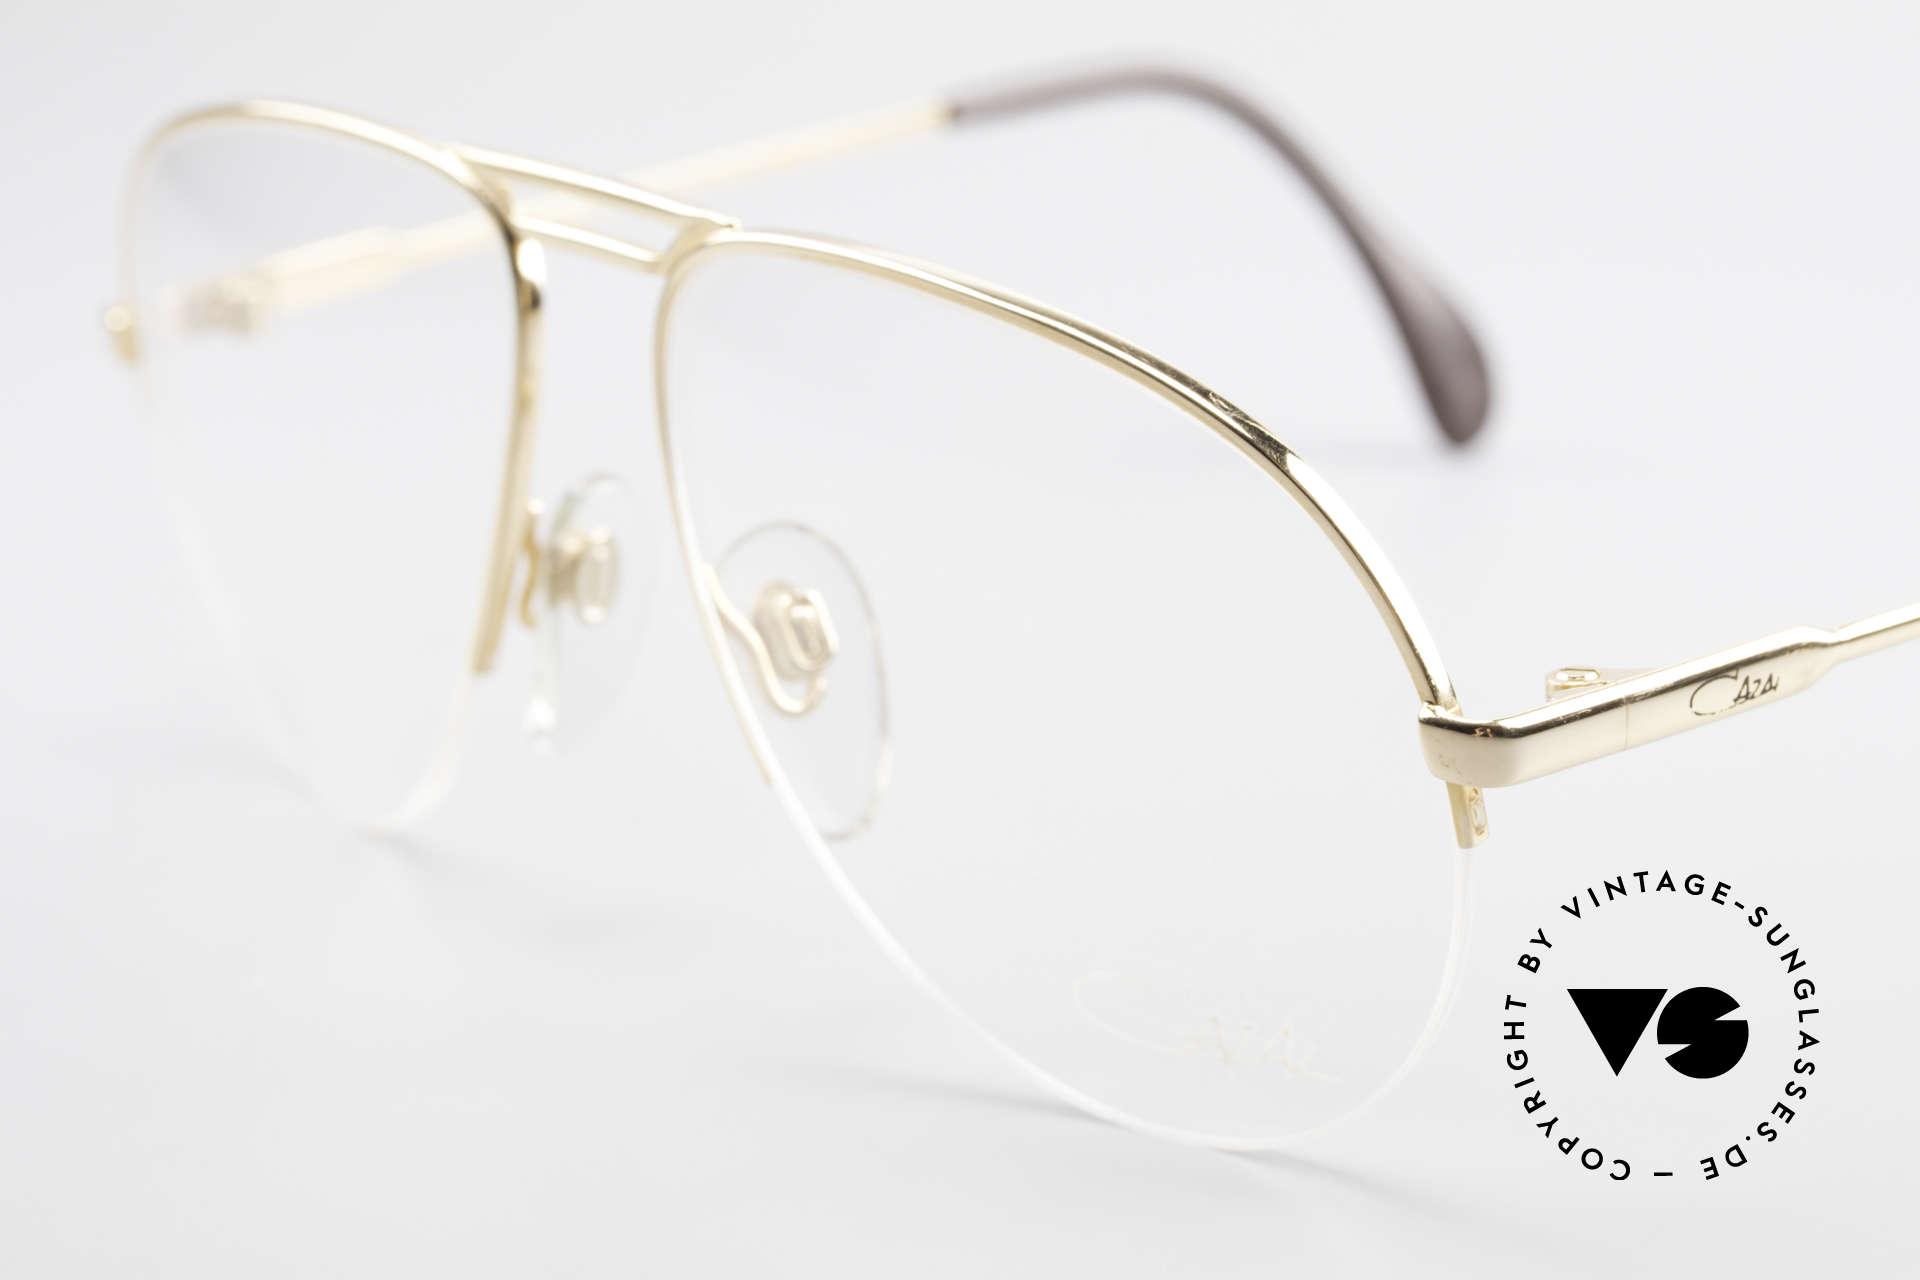 Cazal 726 West Germany Pilotenbrille, ungetragen (wie alle unsere vintage Cazals), Passend für Herren